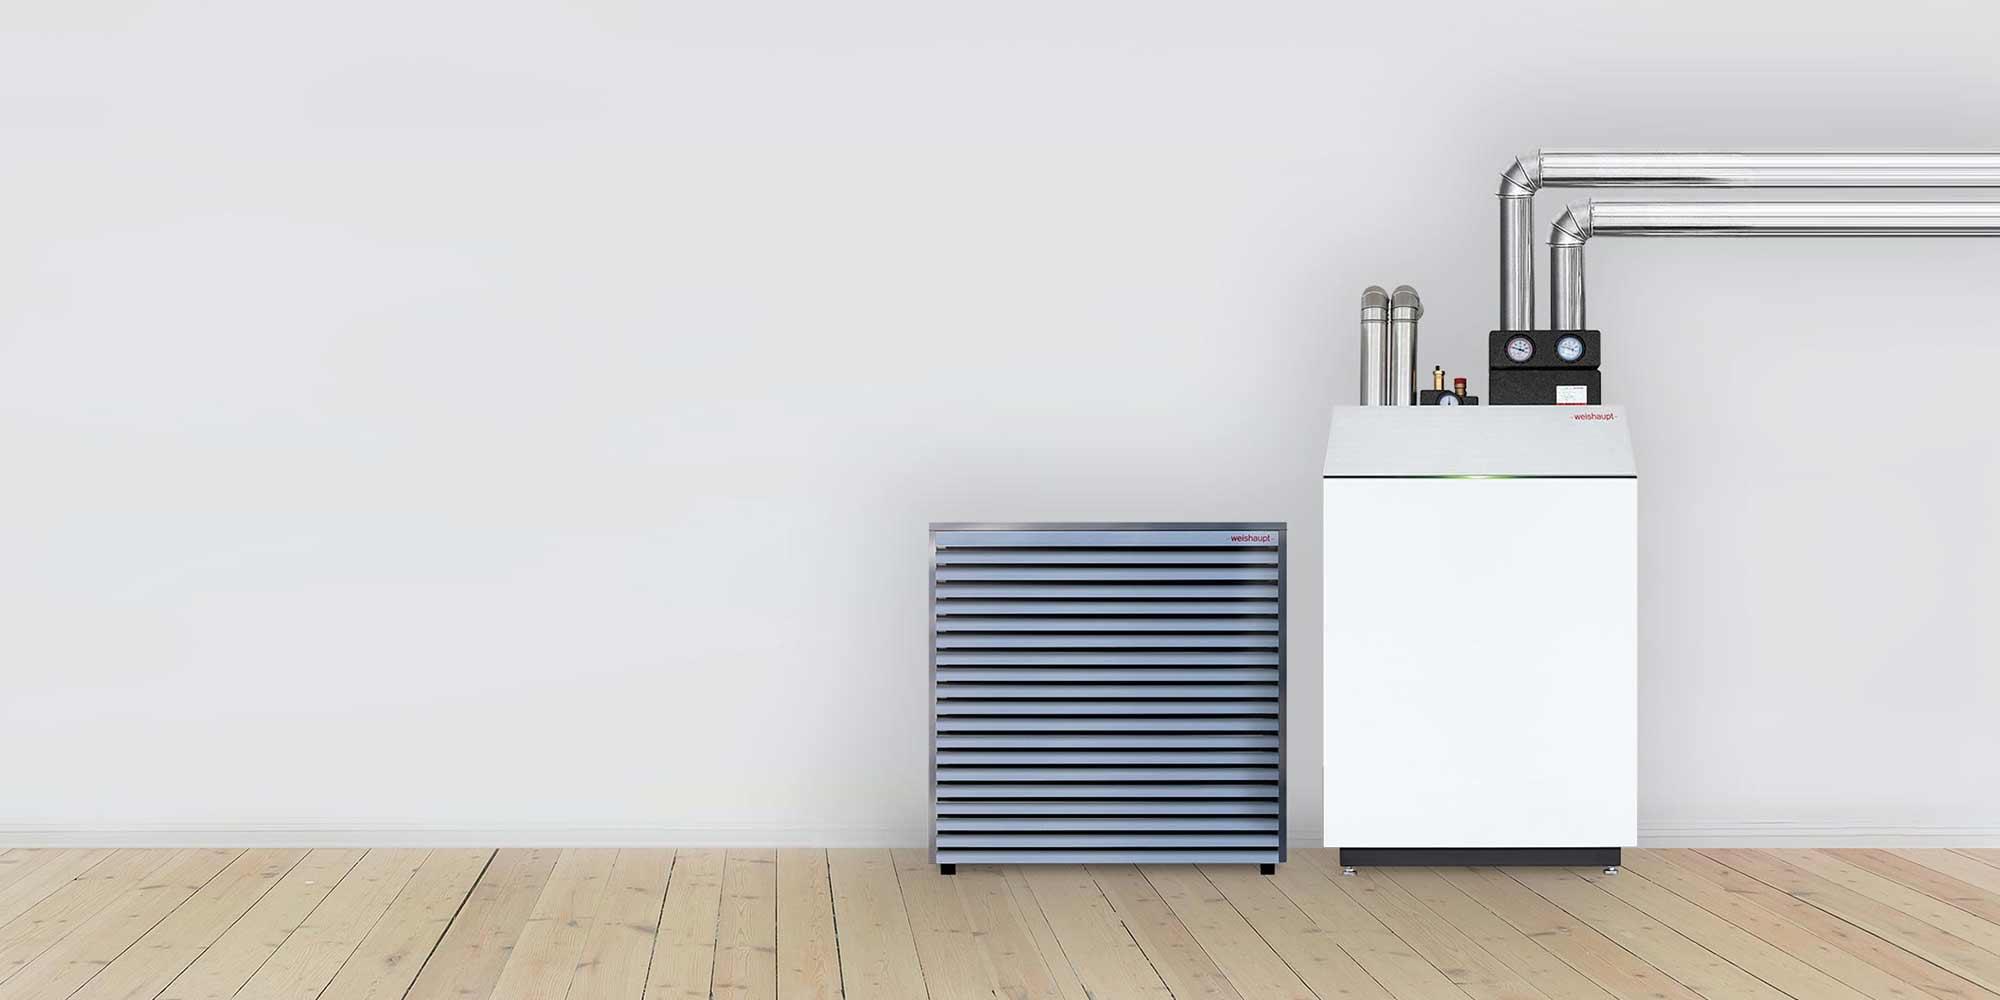 Wärmepumpen holen Energie aus Erdreich, Luft oder Grundwasser